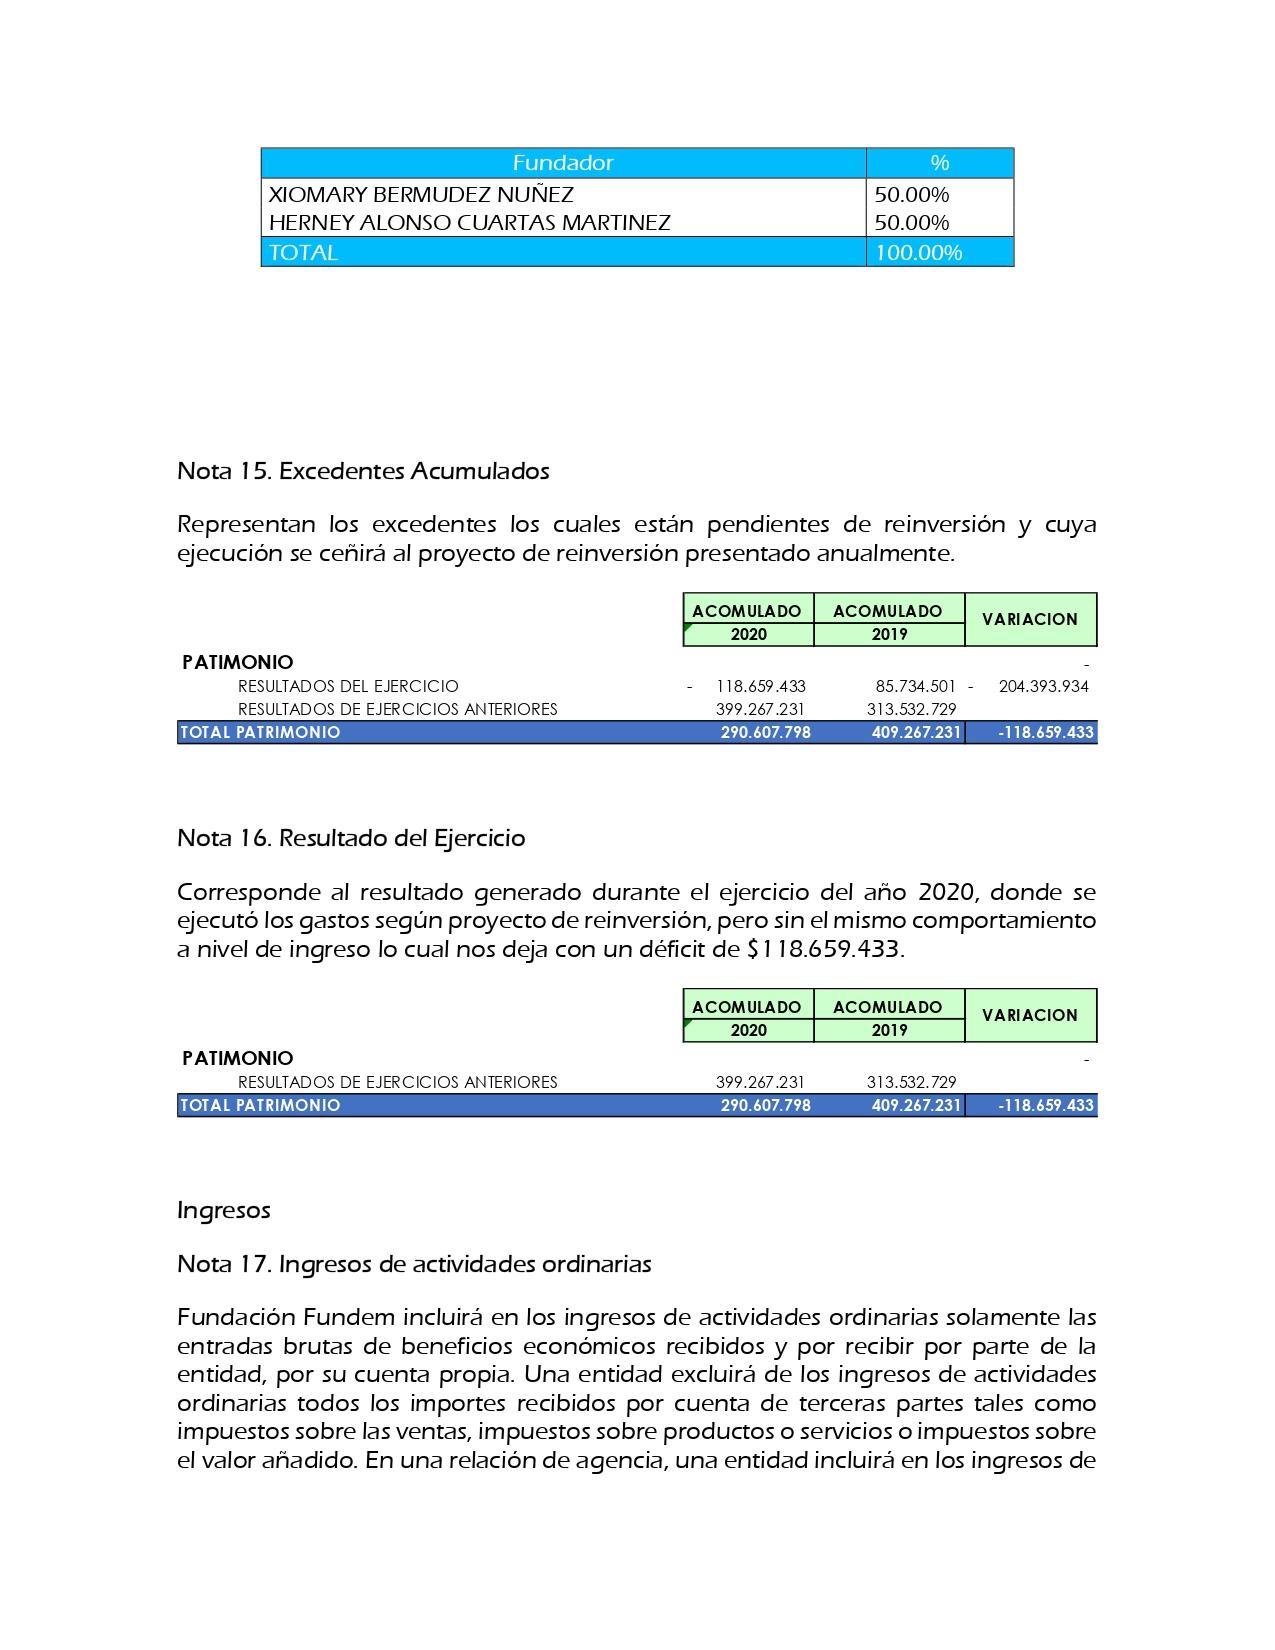 Estados Financieros Fundacion Fundem 2020_page-0030